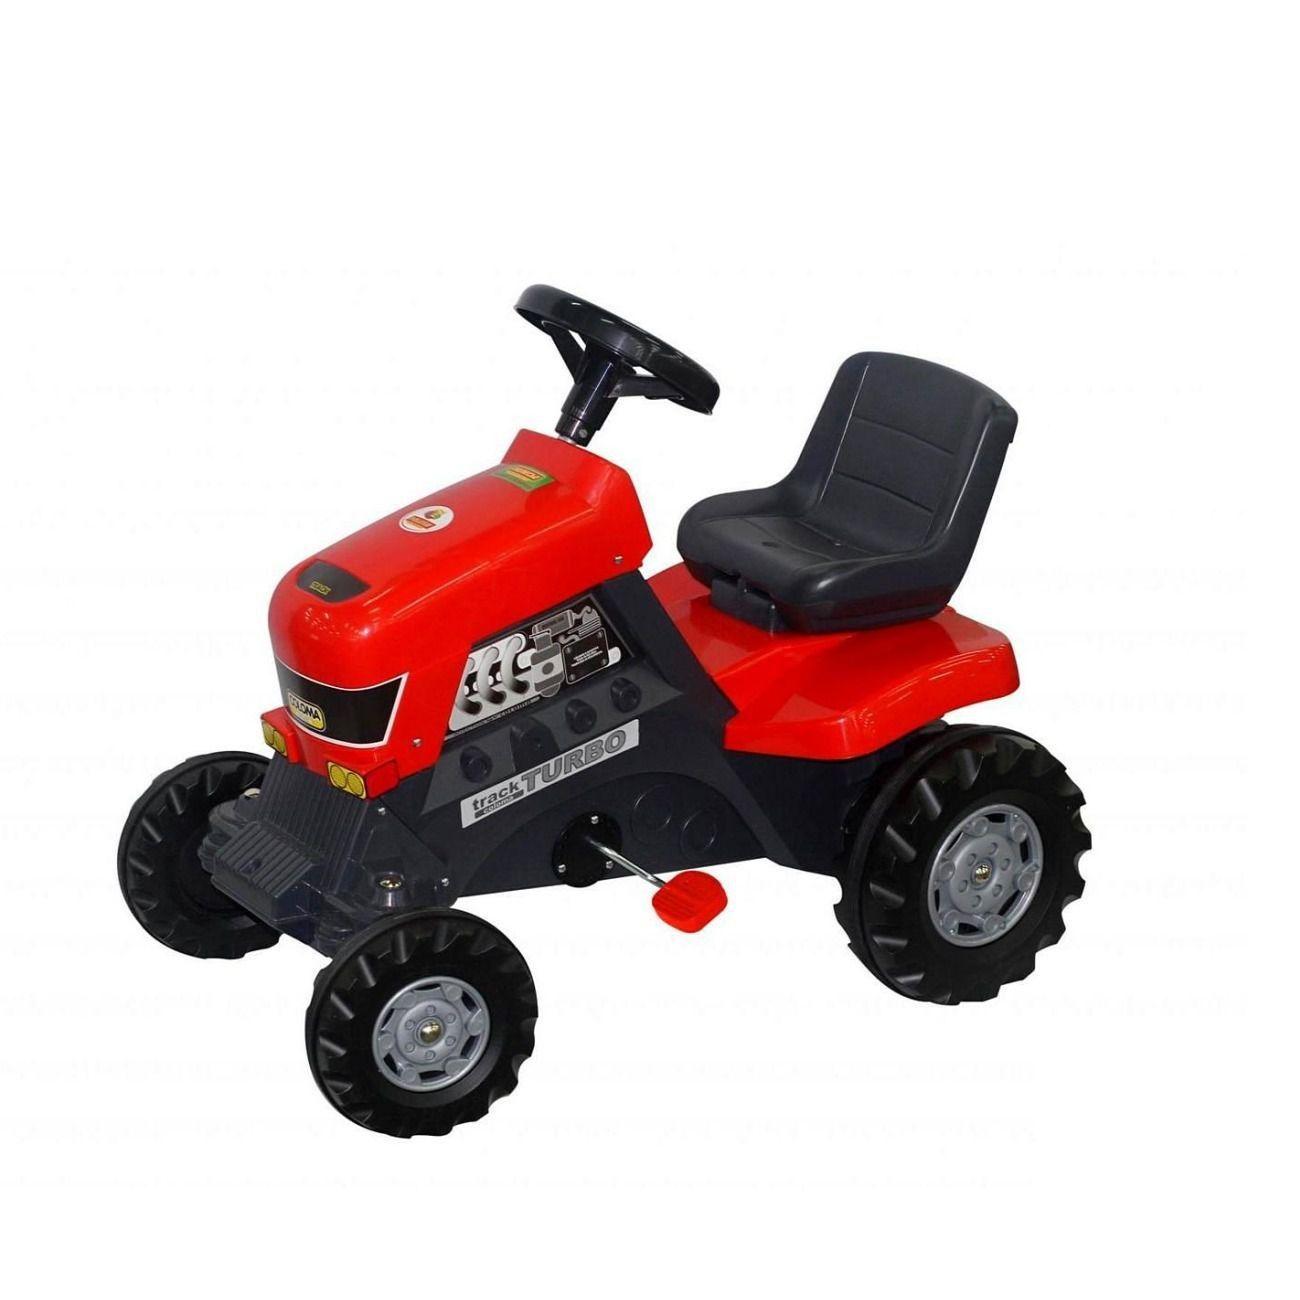 Педальный трактор-каталка Turbo, 82 см